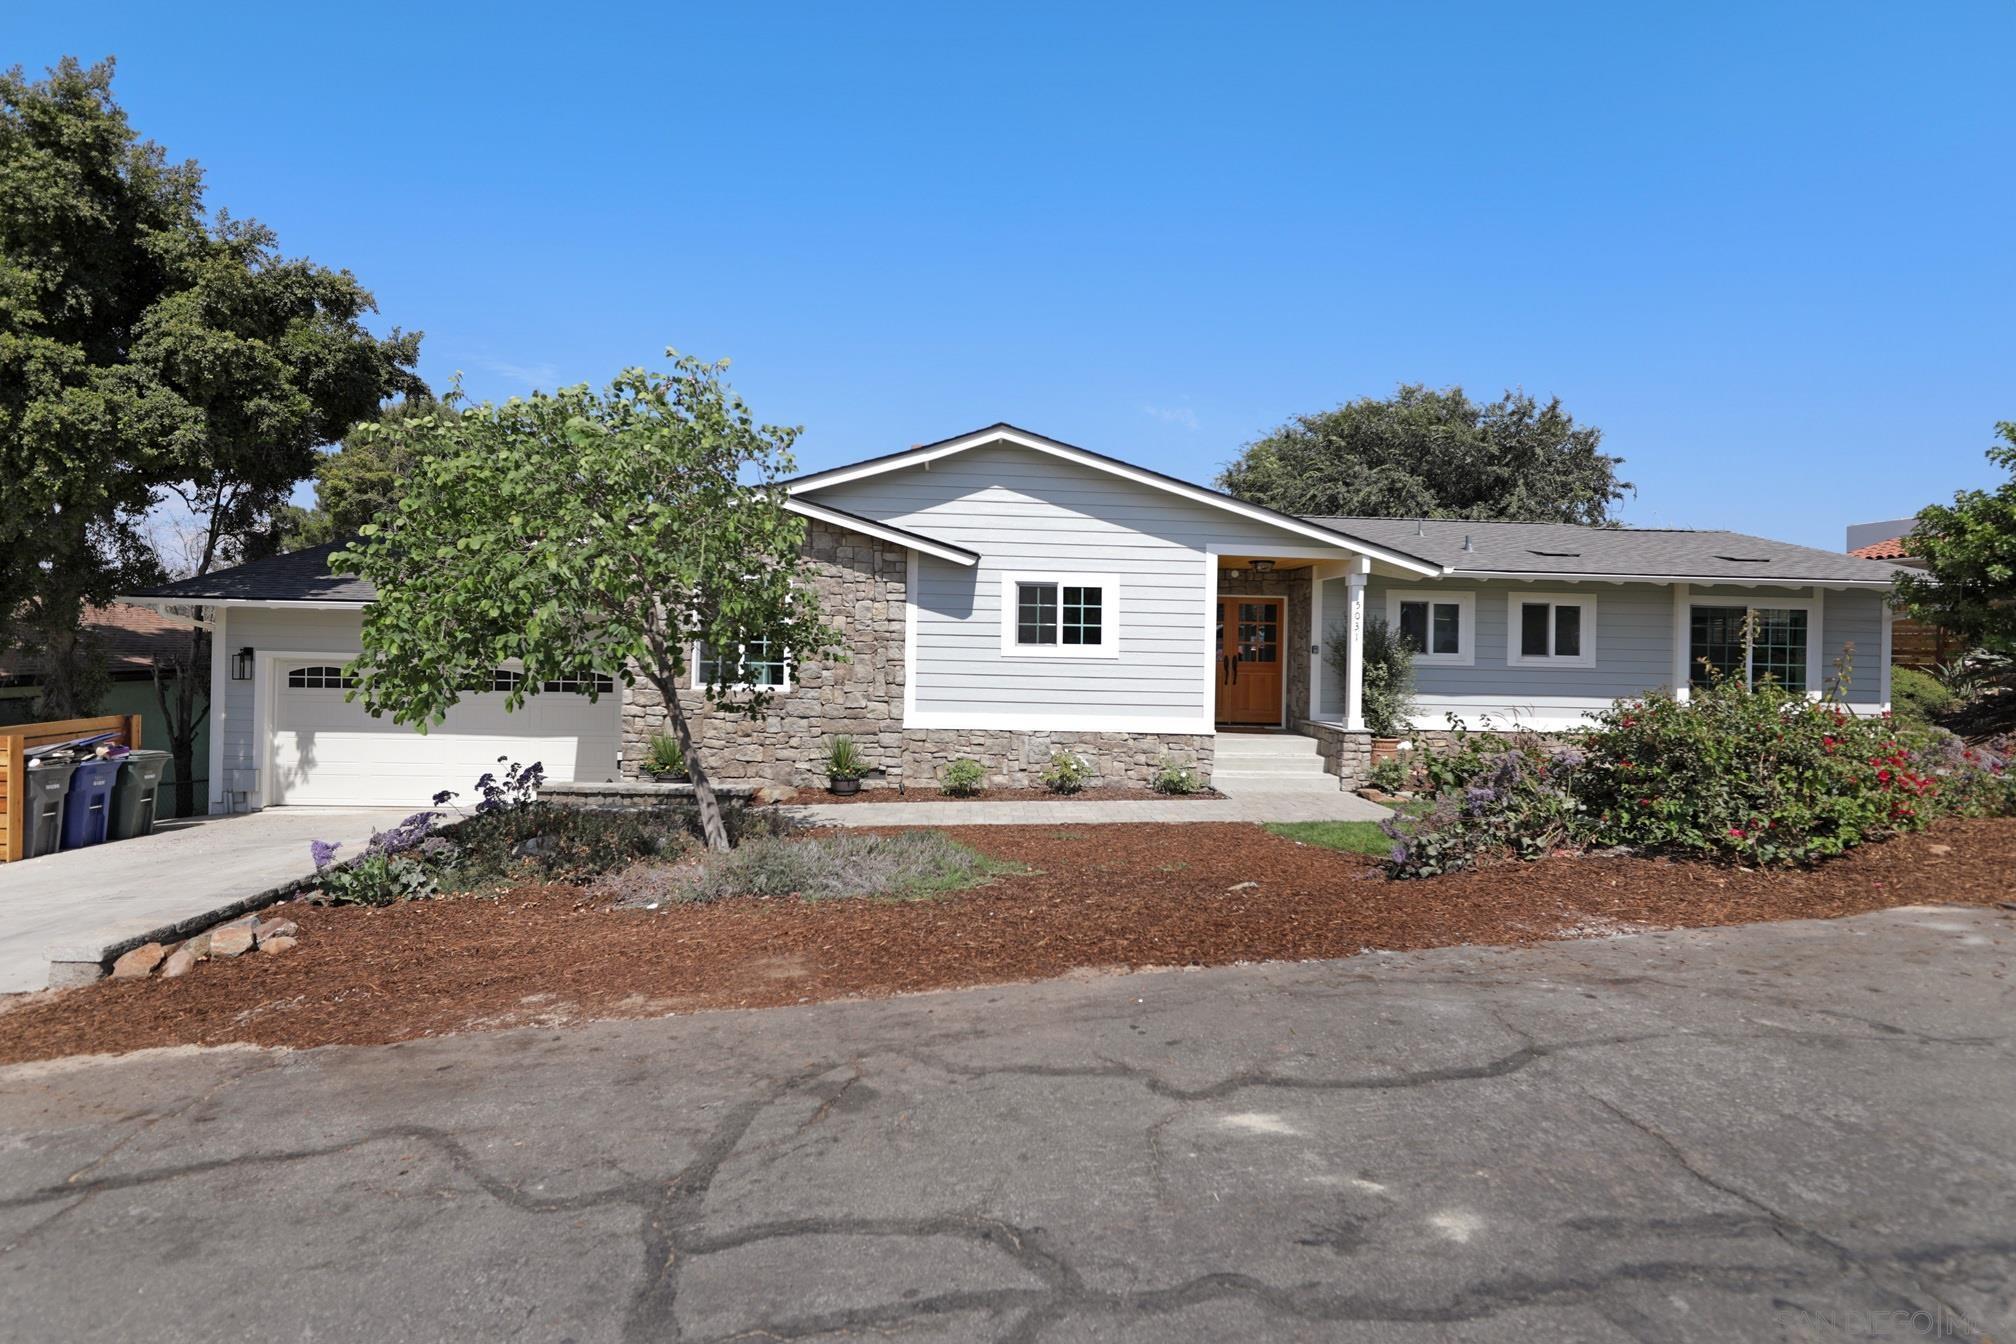 5031 Woodyard Ave, La Mesa, CA 91942